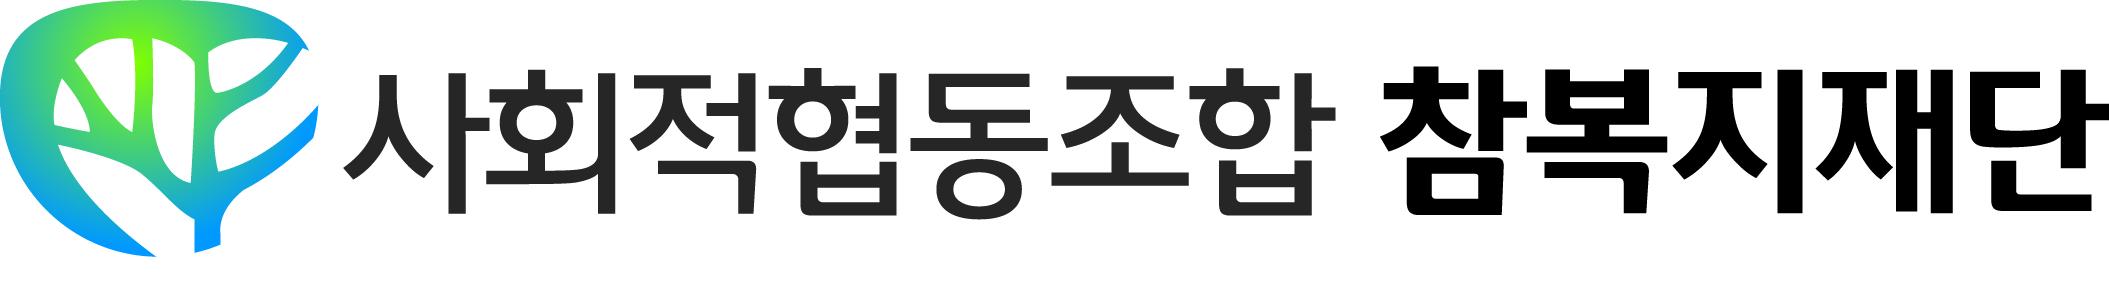 사회적협동조합 참복지재단_logo